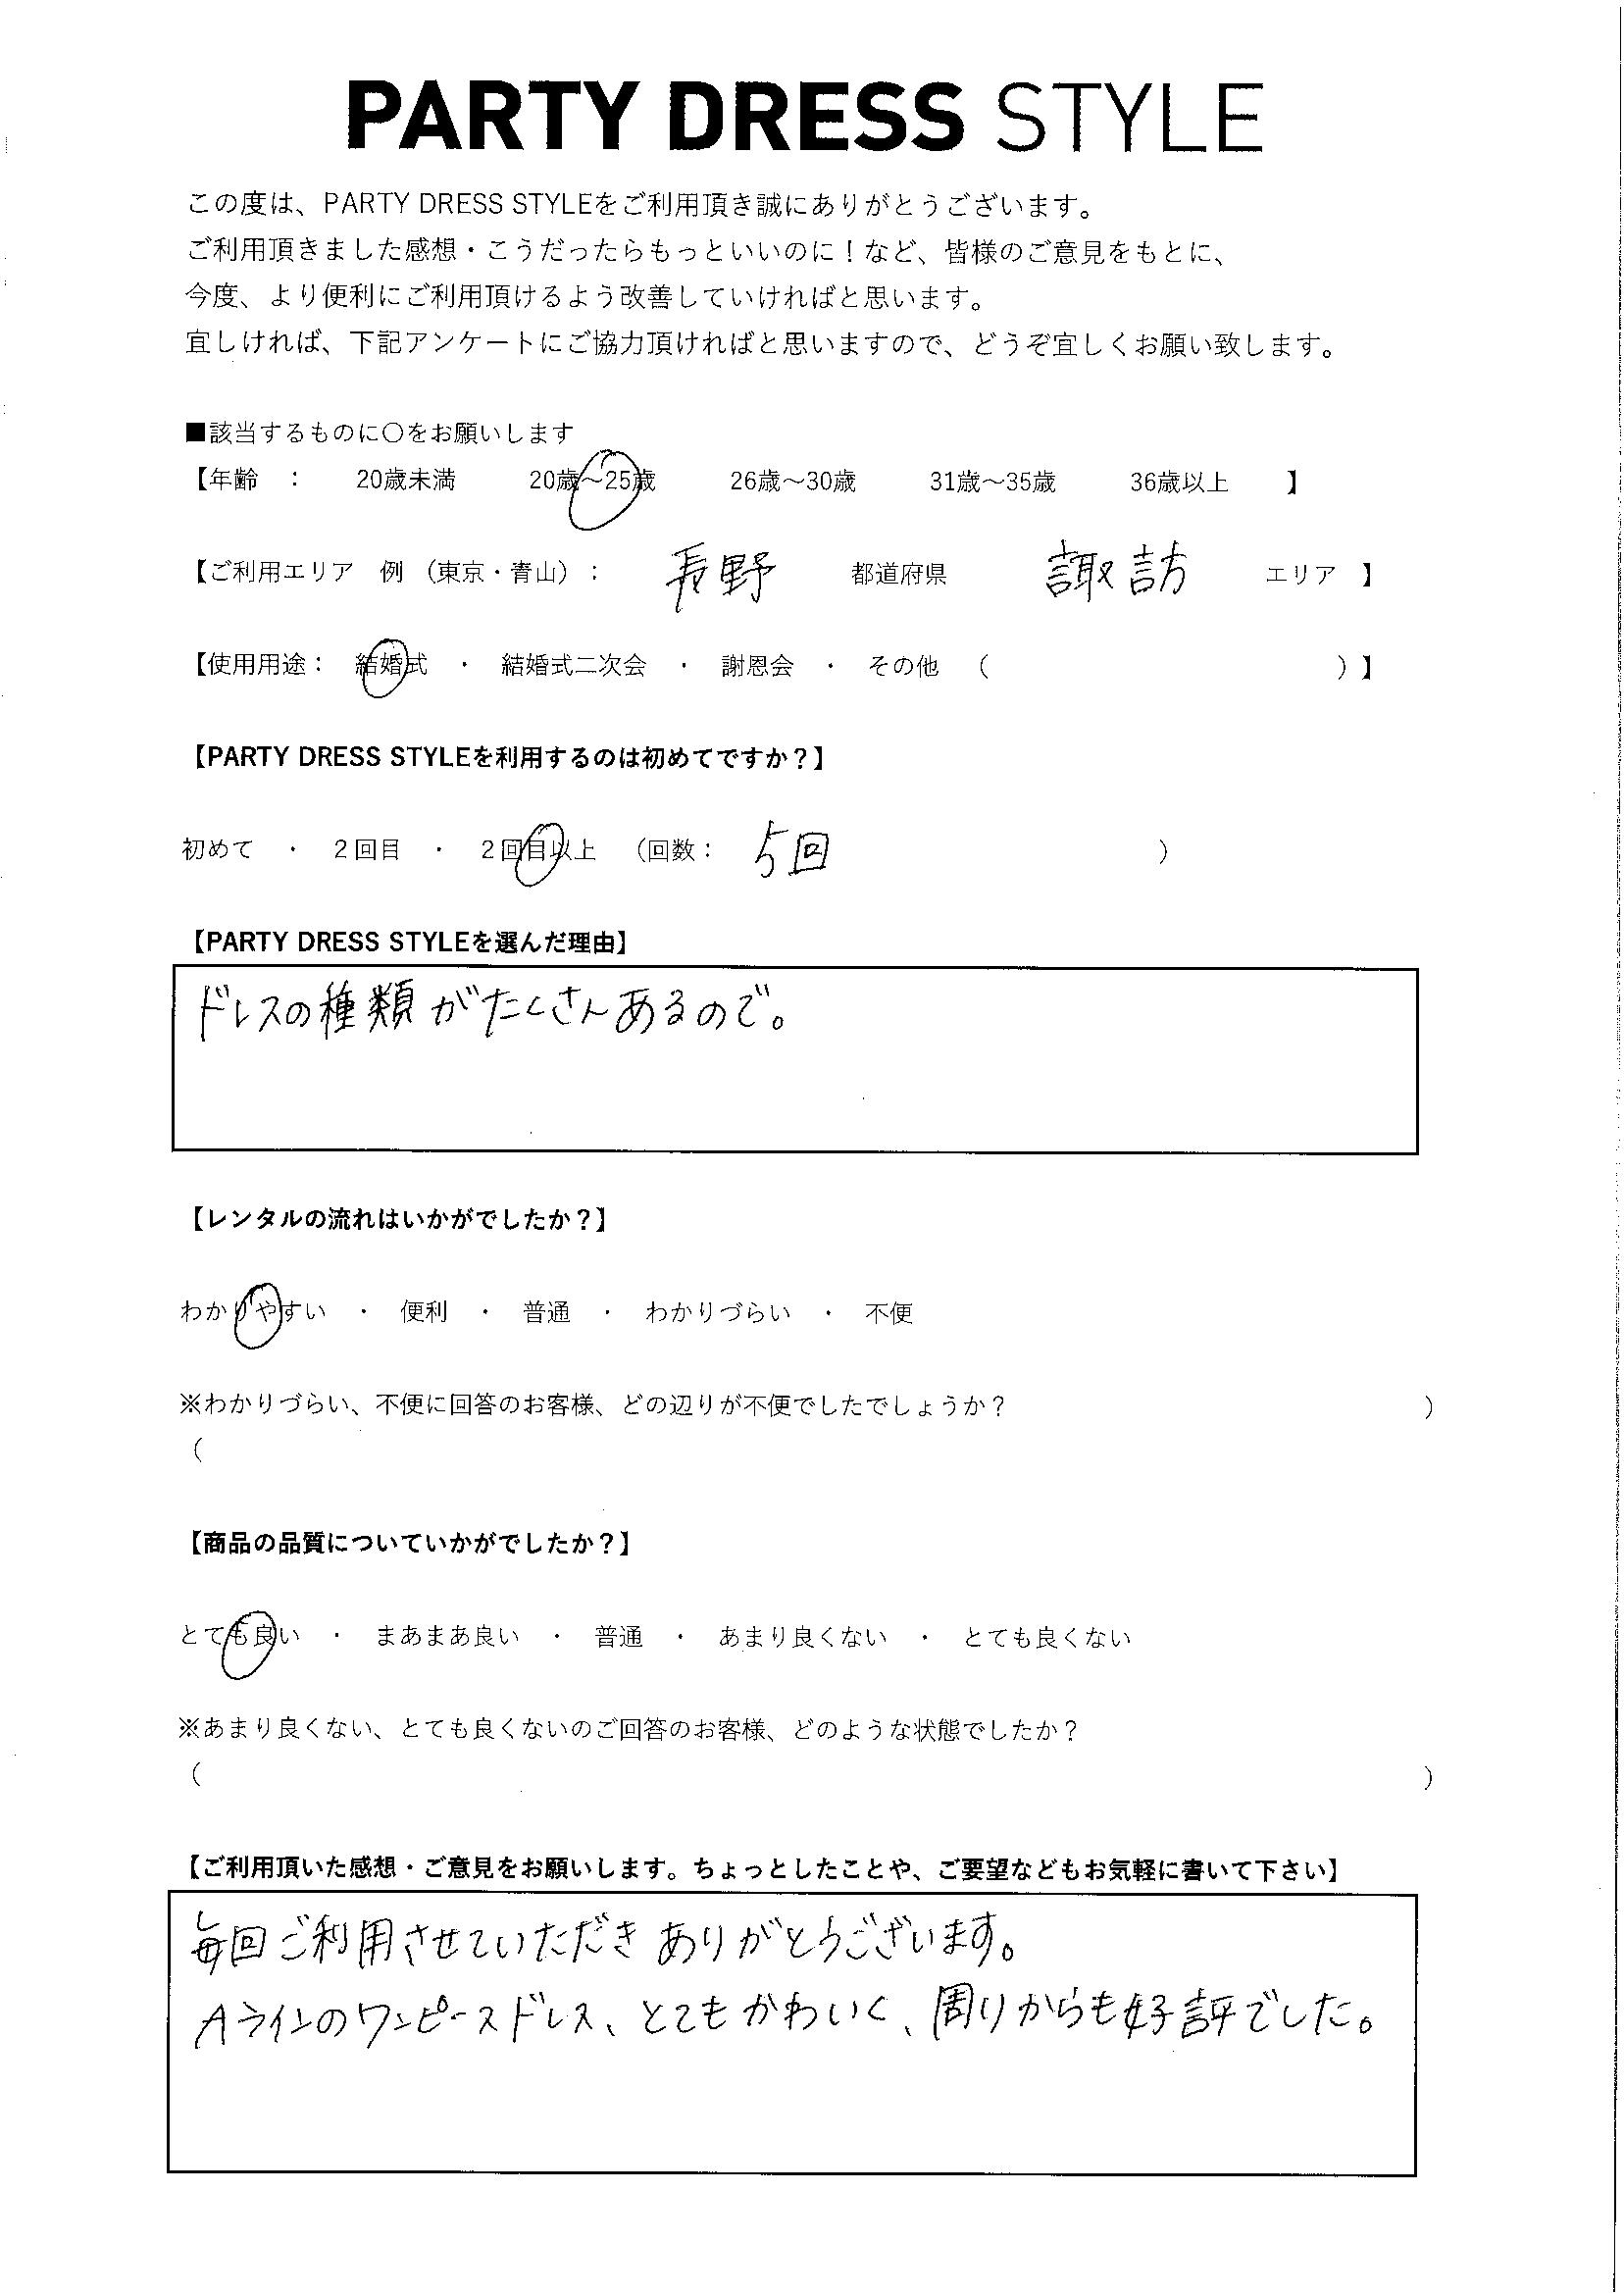 2/1結婚式ご利用 長野・諏訪エリア